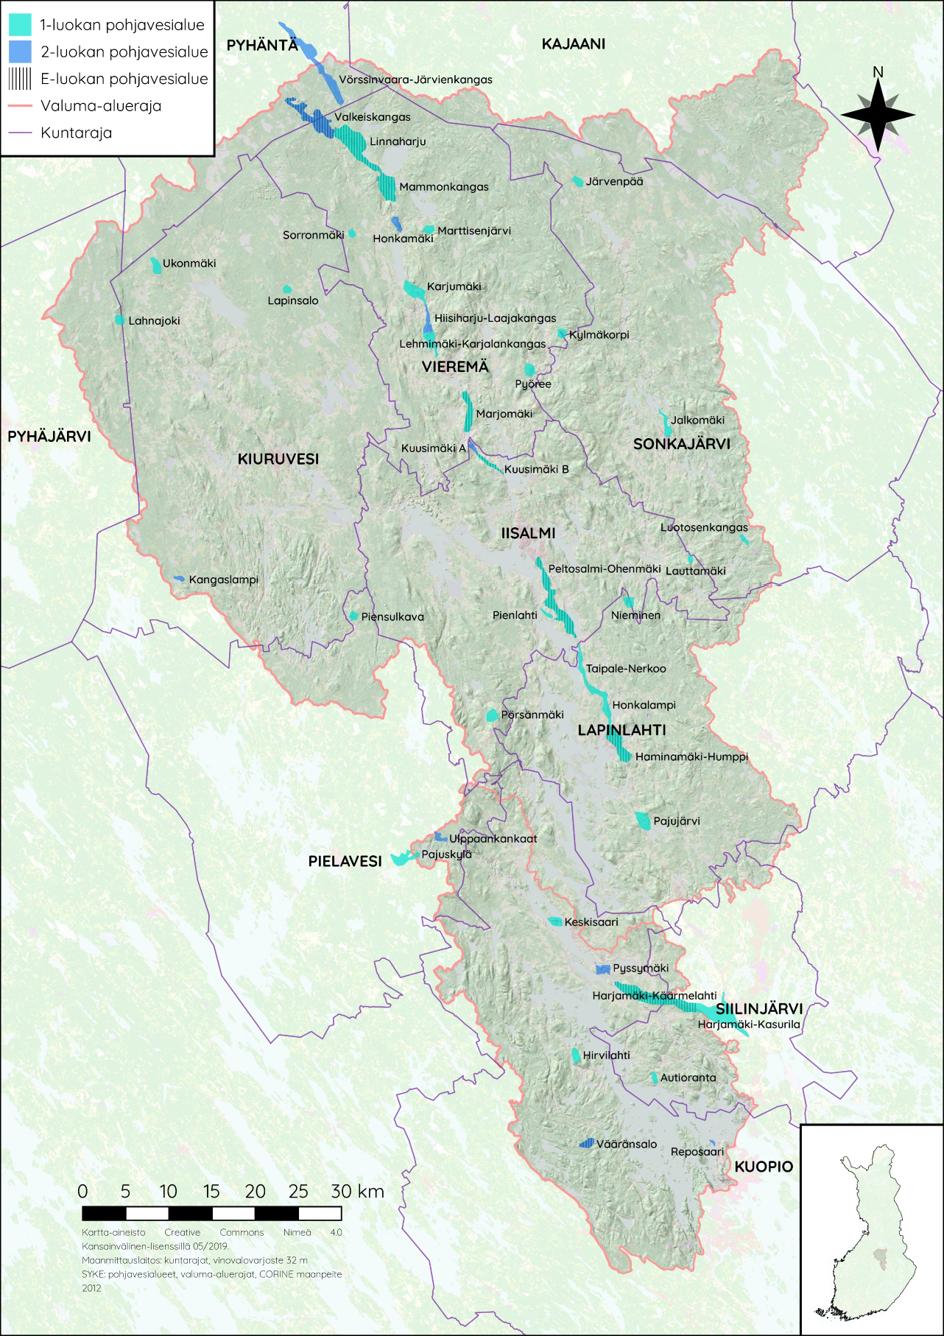 Pohjavesikartta